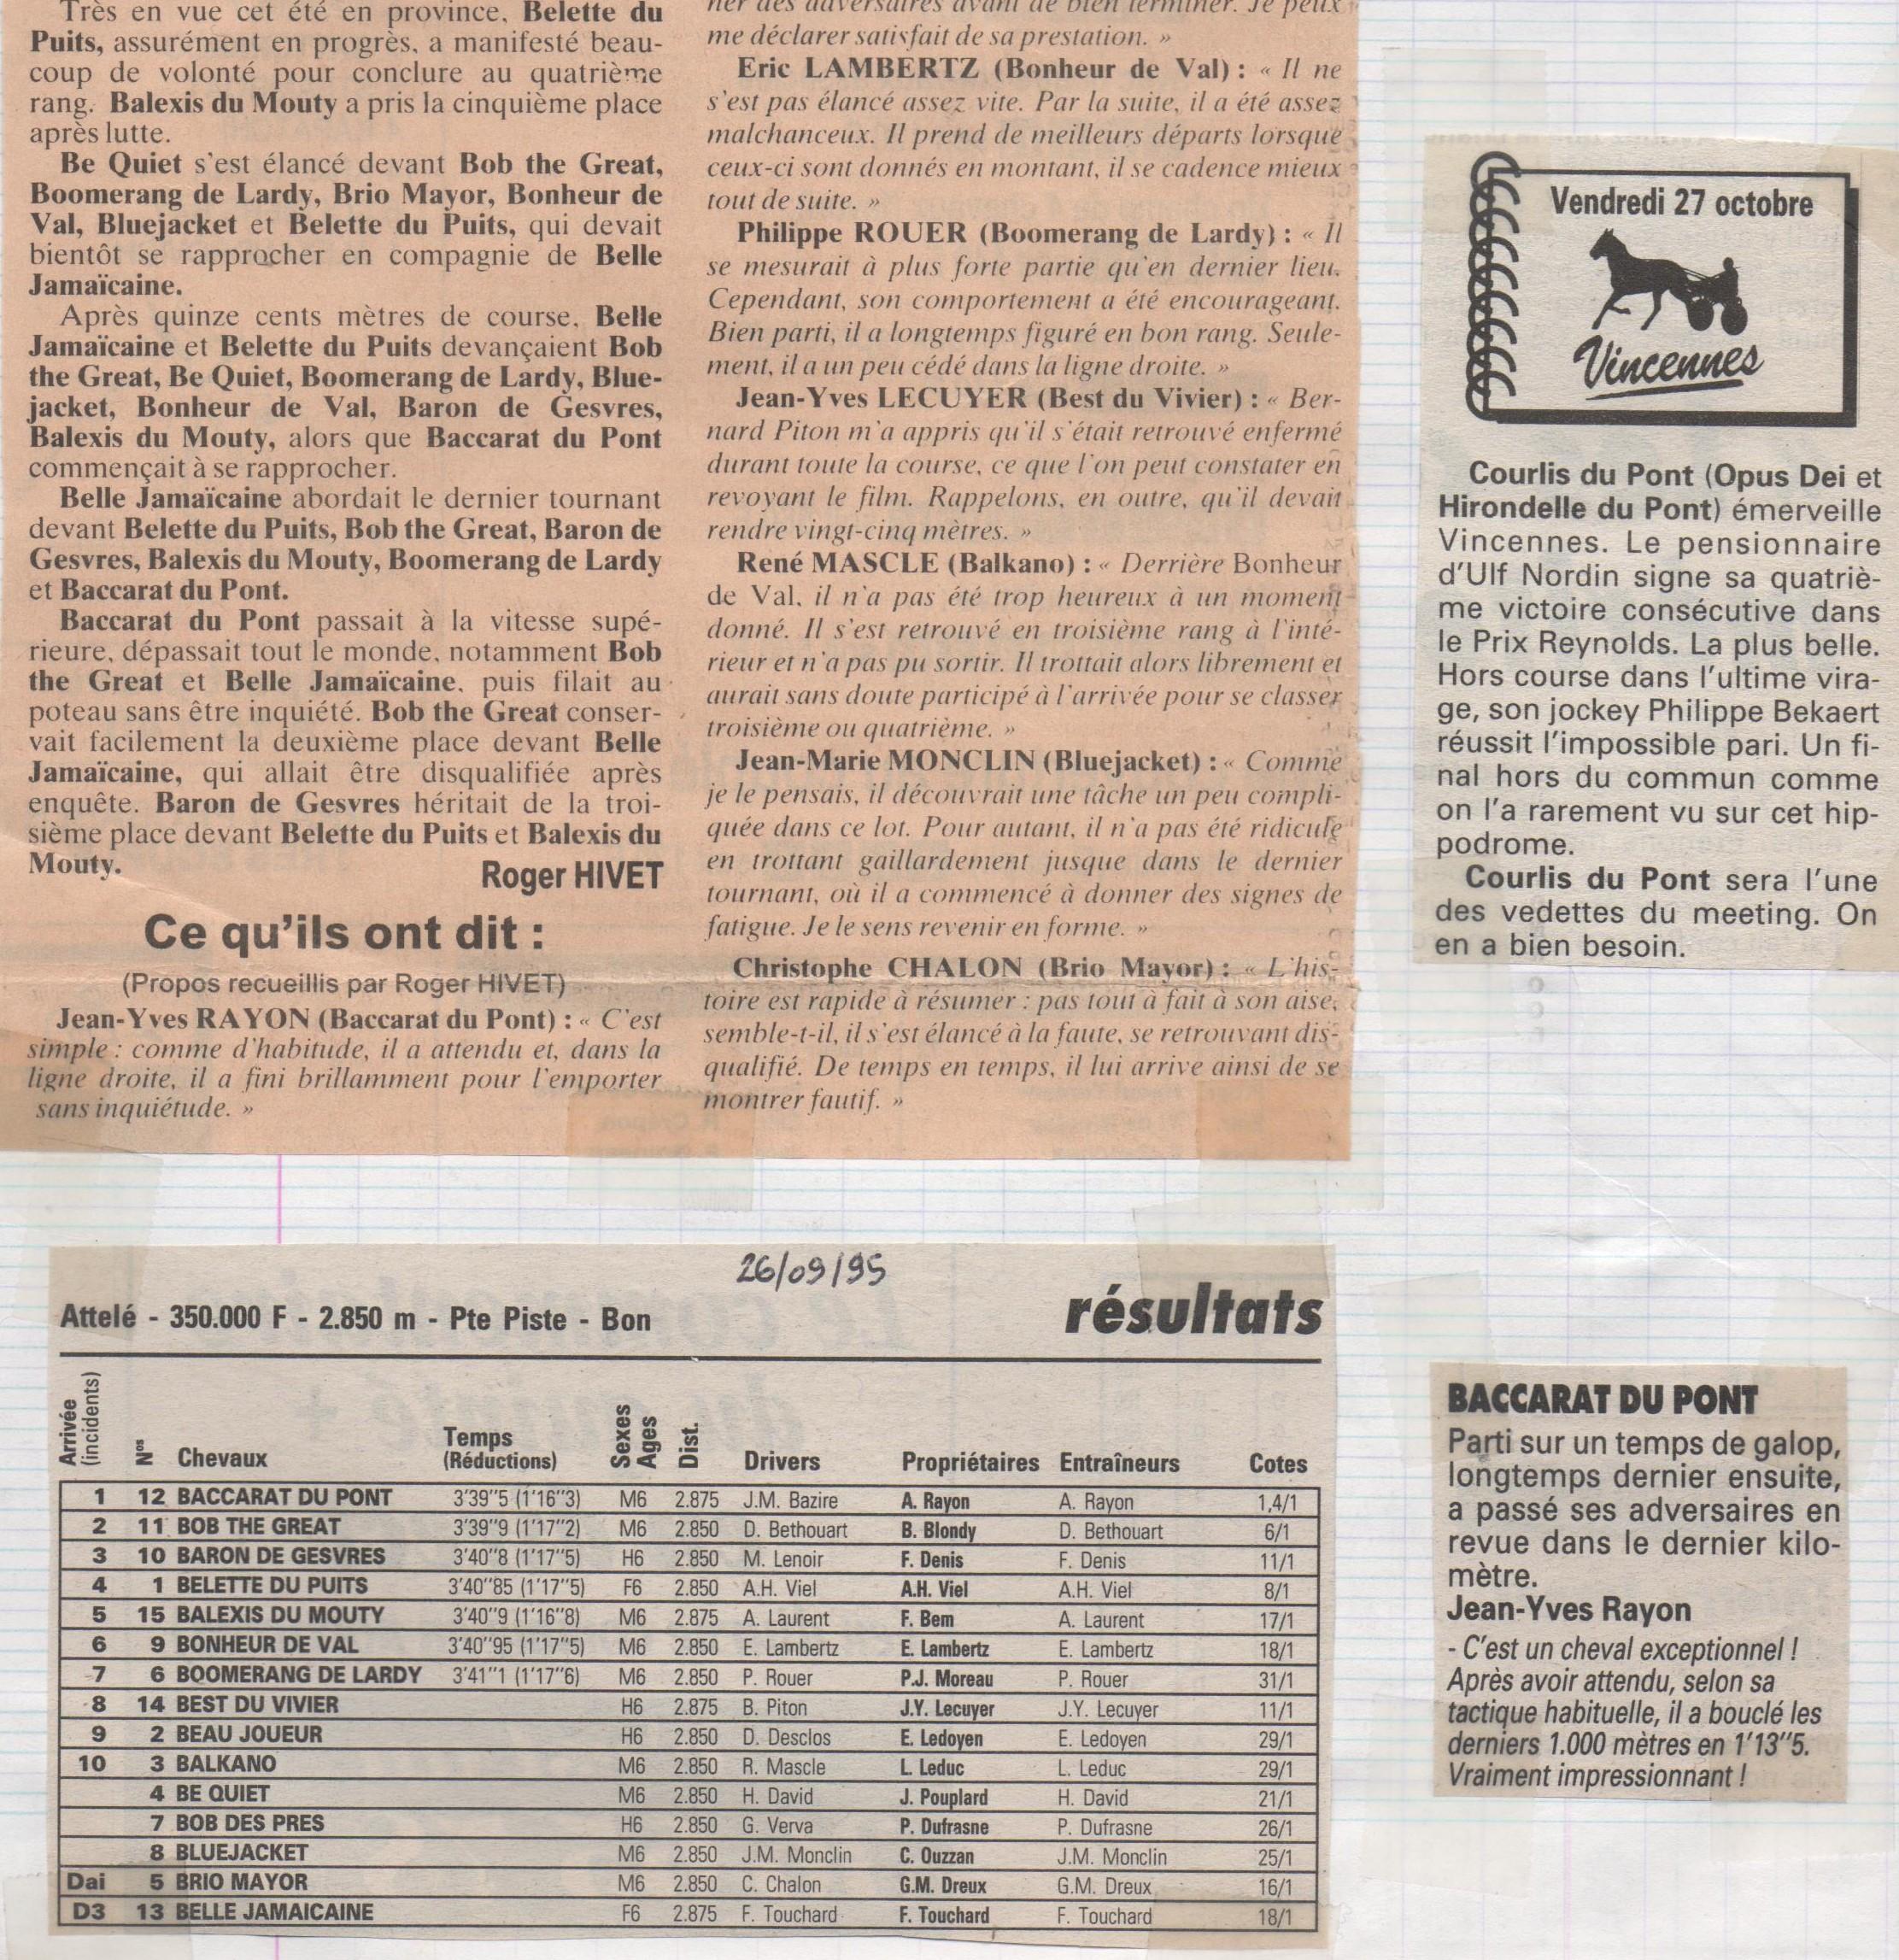 1995 09 26 Baccarat du Pont Prix Hera (2)